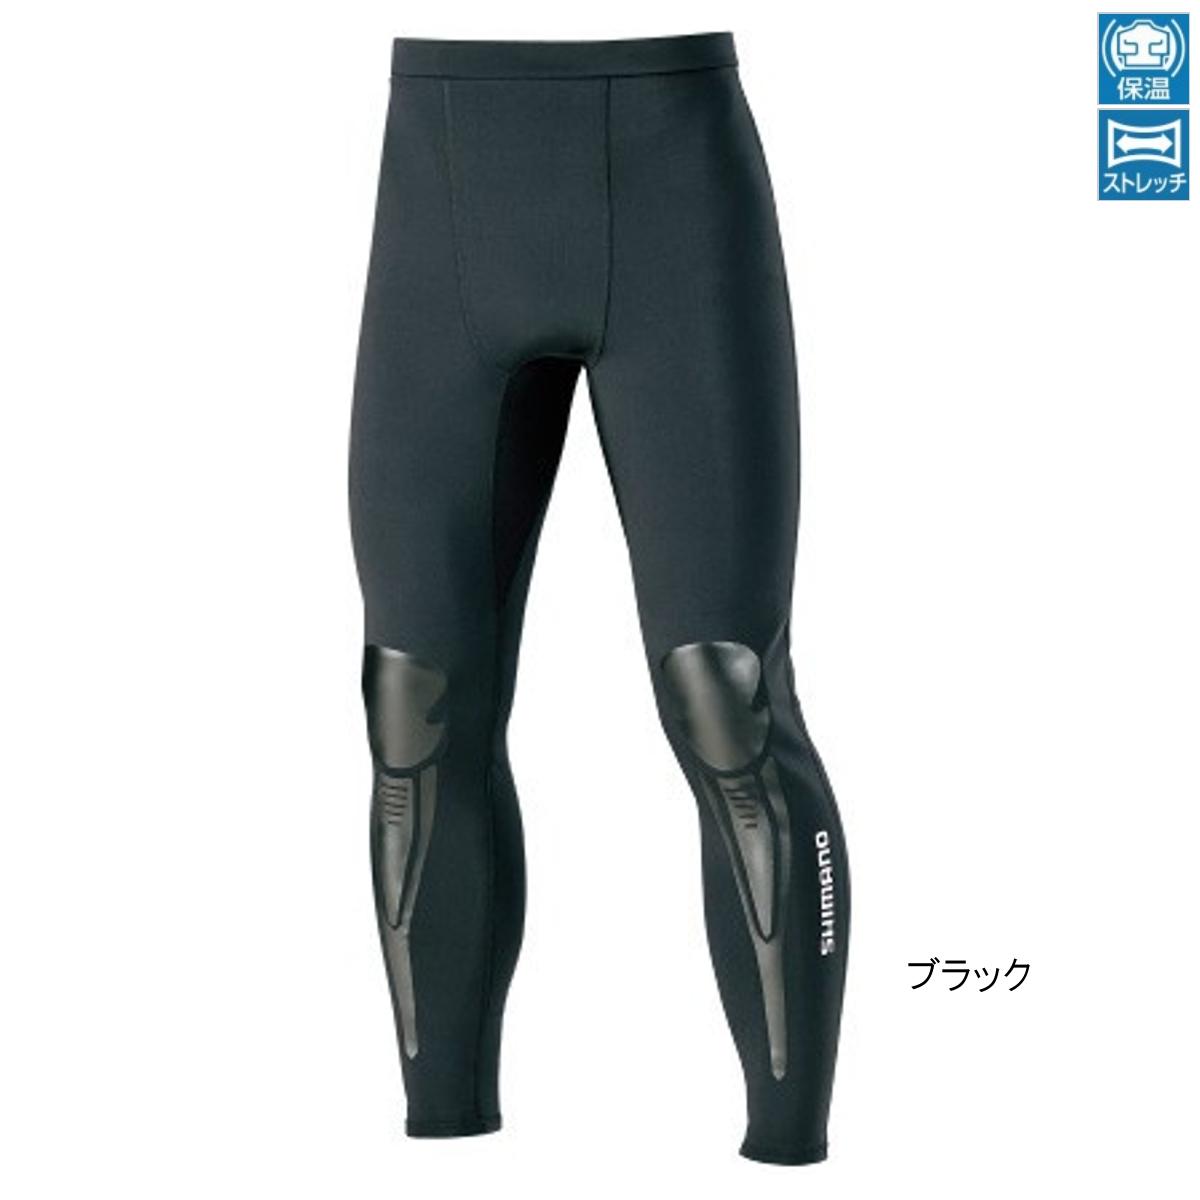 シマノ ライトクロロプレン プロテクトタイツ IN-087S L ブラック(東日本店)